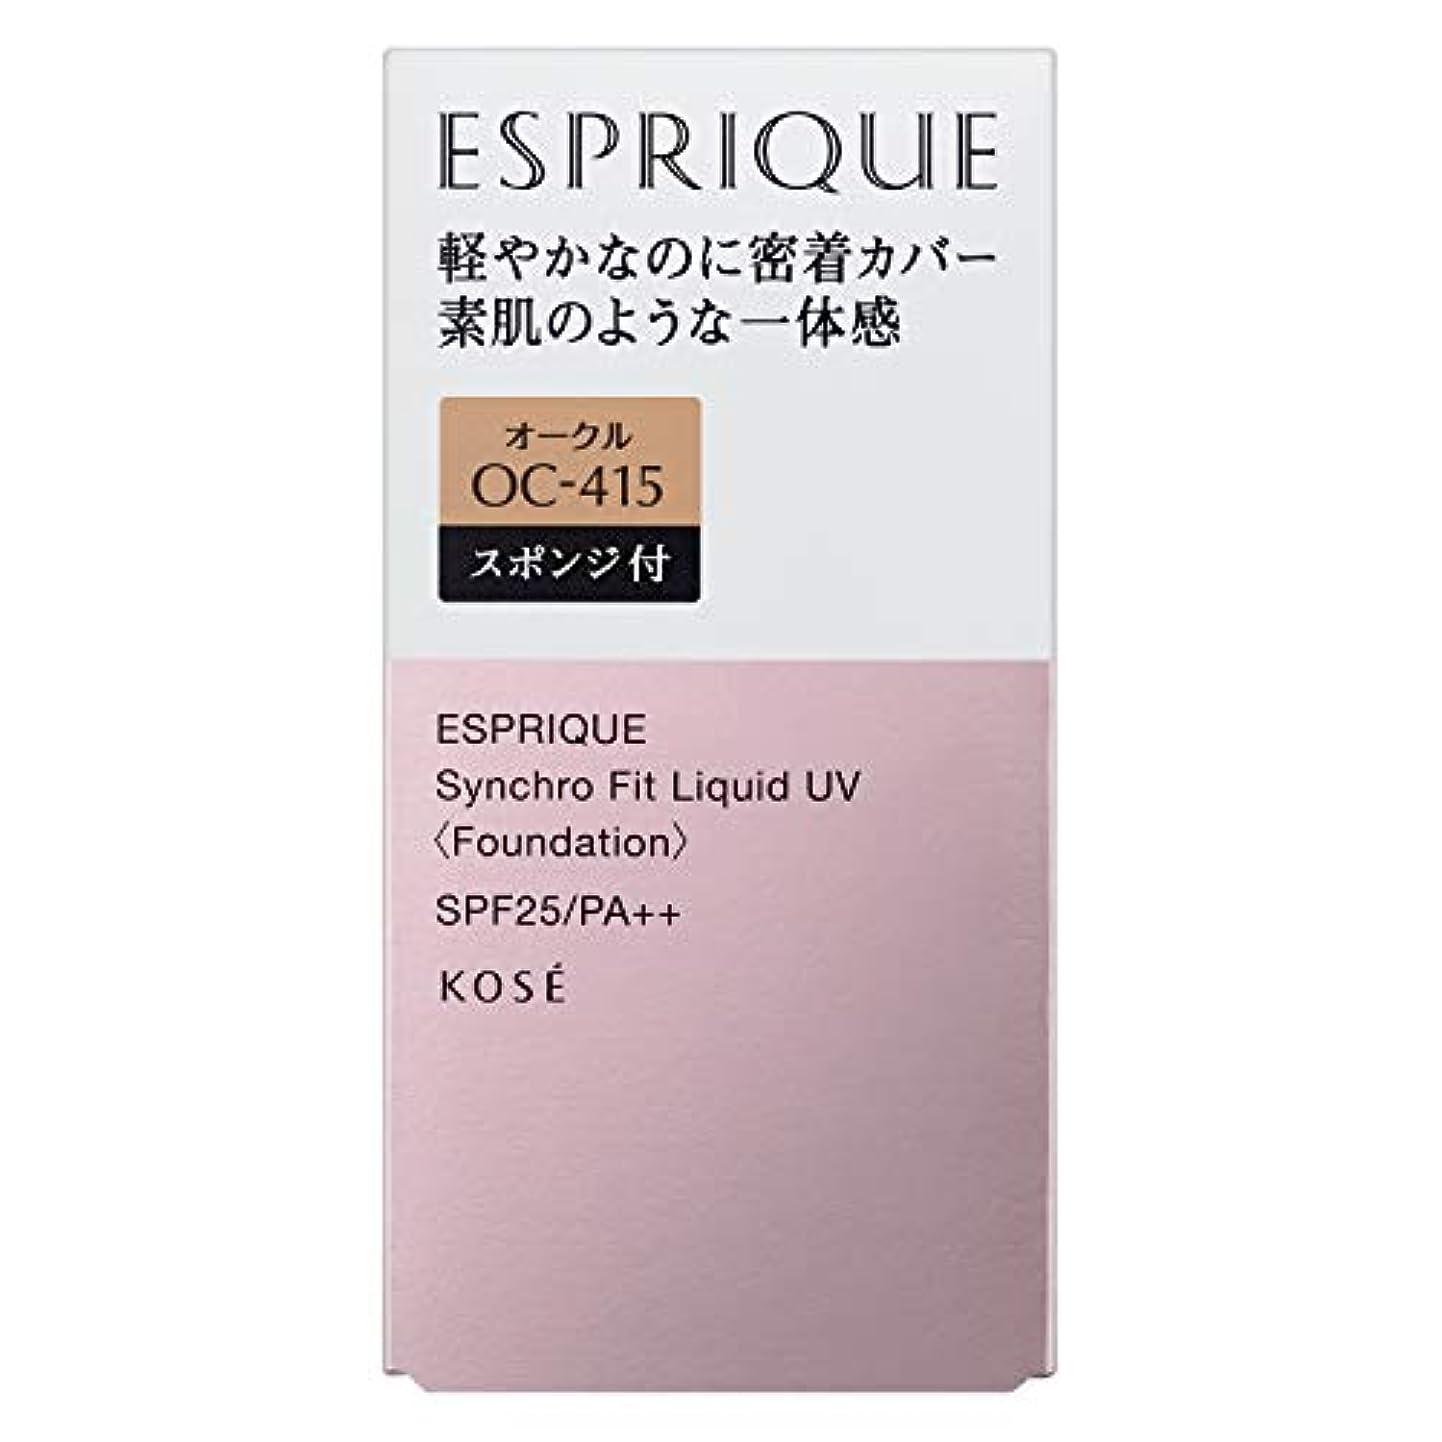 しっとり警察署月面ESPRIQUE(エスプリーク) エスプリーク シンクロフィット リキッド UV ファンデーション 無香料 OC-415 オークル 30g